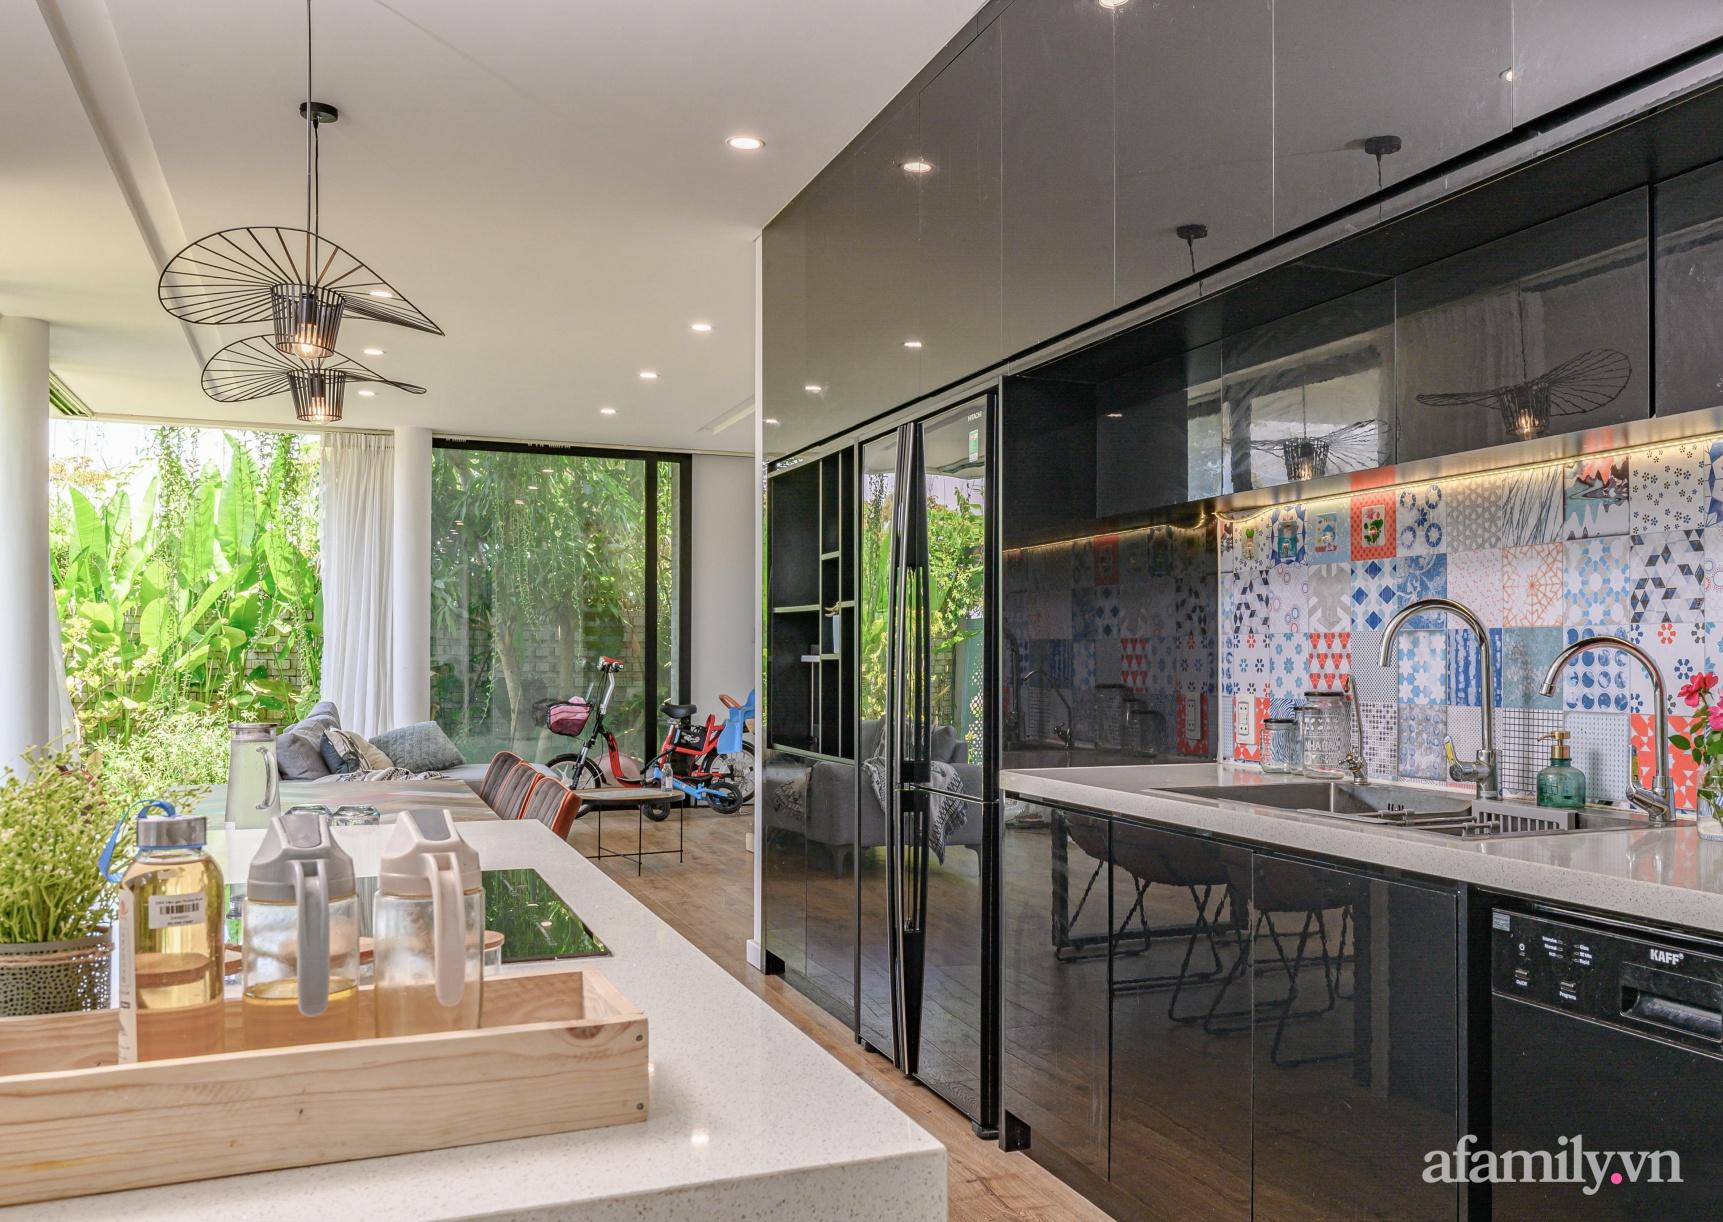 Ngôi nhà nhiều cây xanh và ánh sáng gói trọn bình yên của cặp vợ chồng kiến trúc sư ở Đà Nẵng - Ảnh 10.